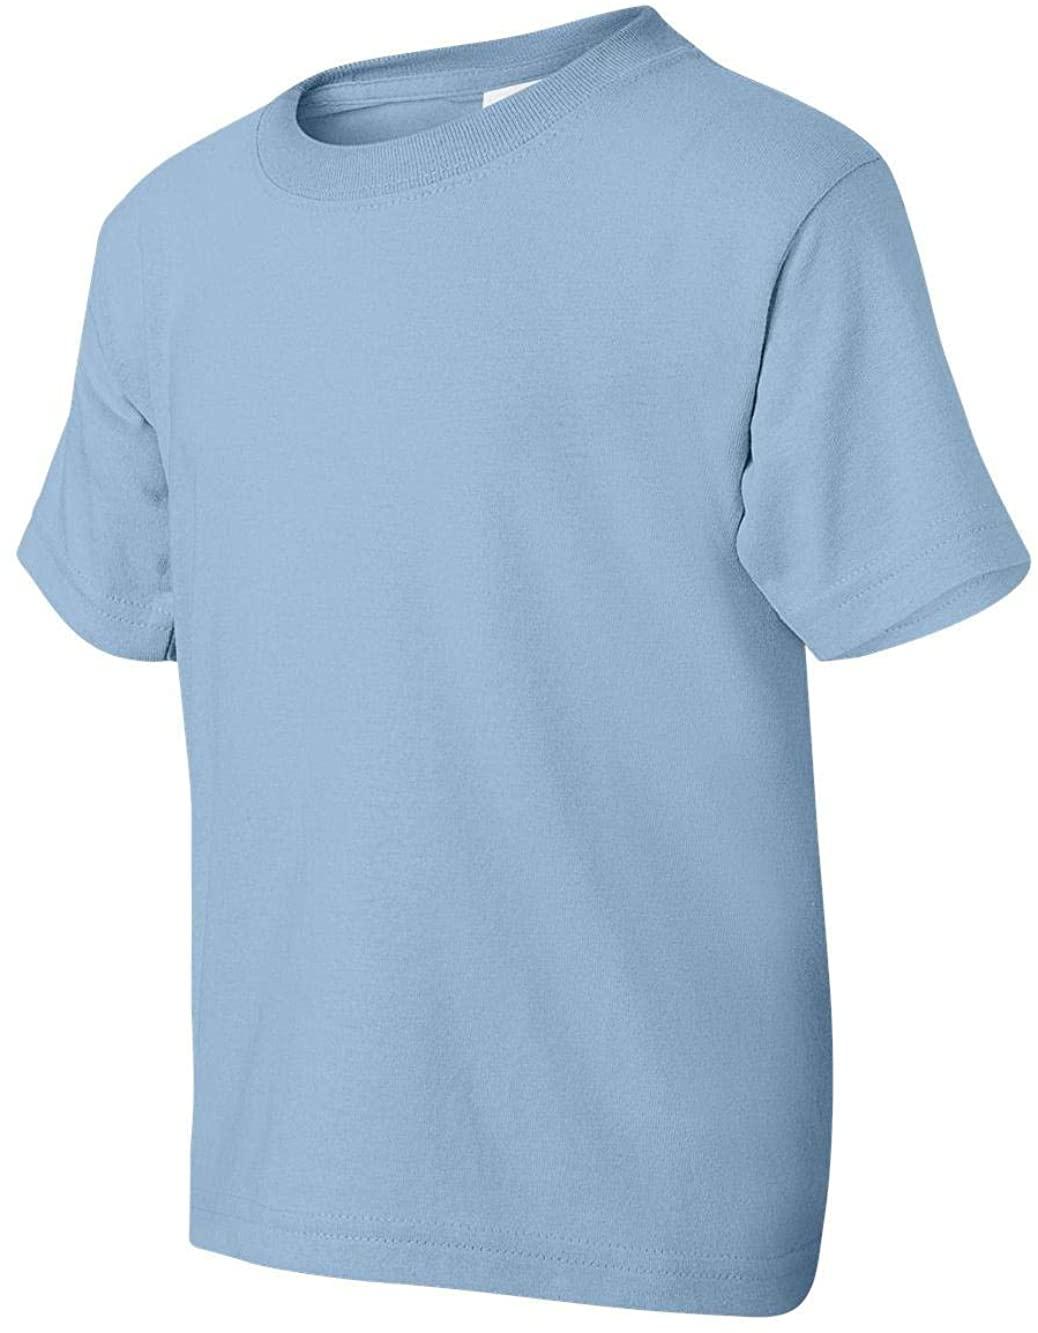 Gildan DryBlend 50/50 Youth T-Shirt, Light Blue